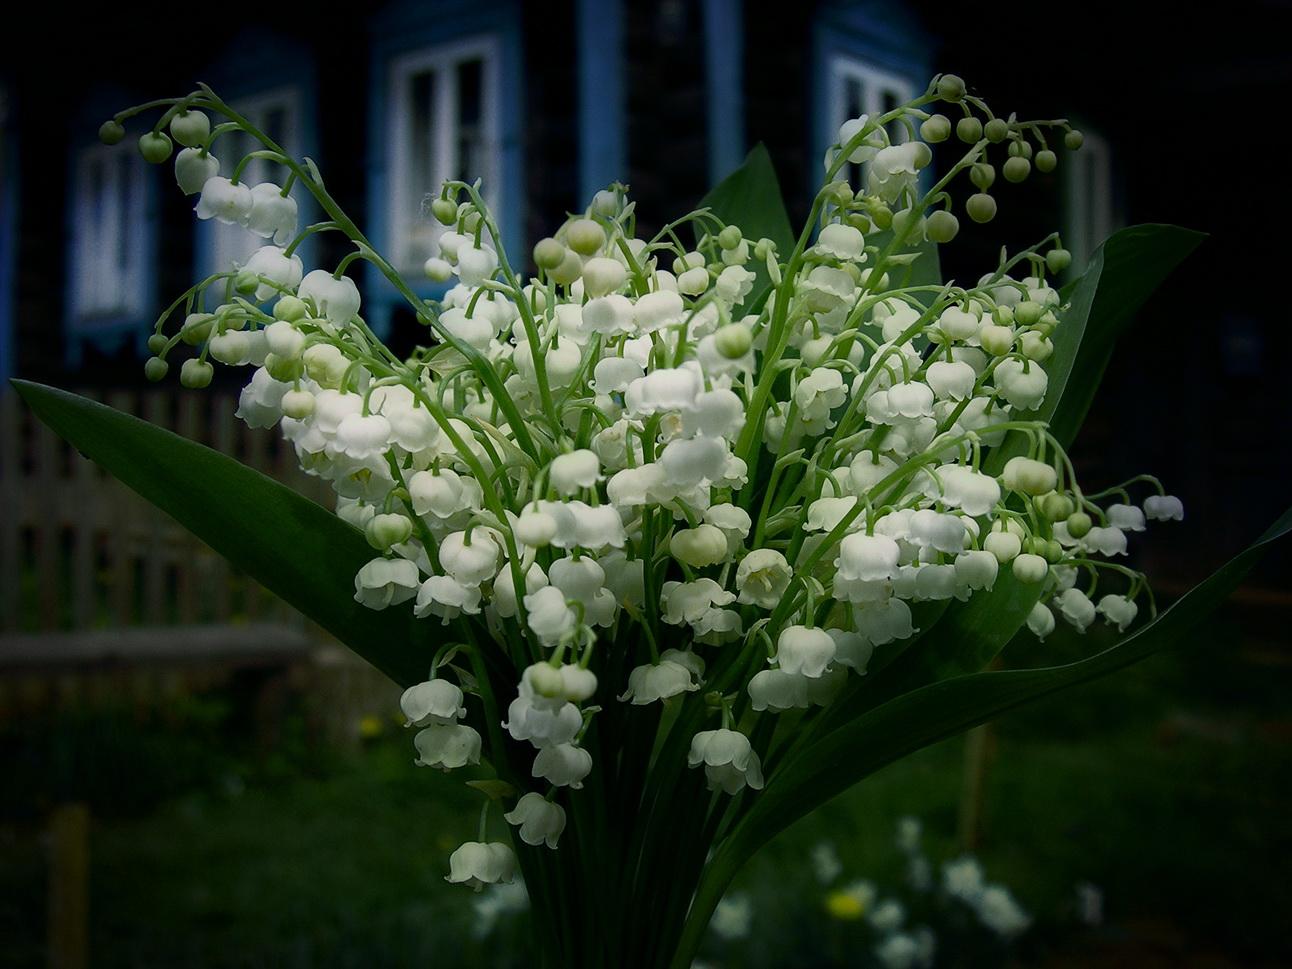 Цветы для любимой фото 10 фотография